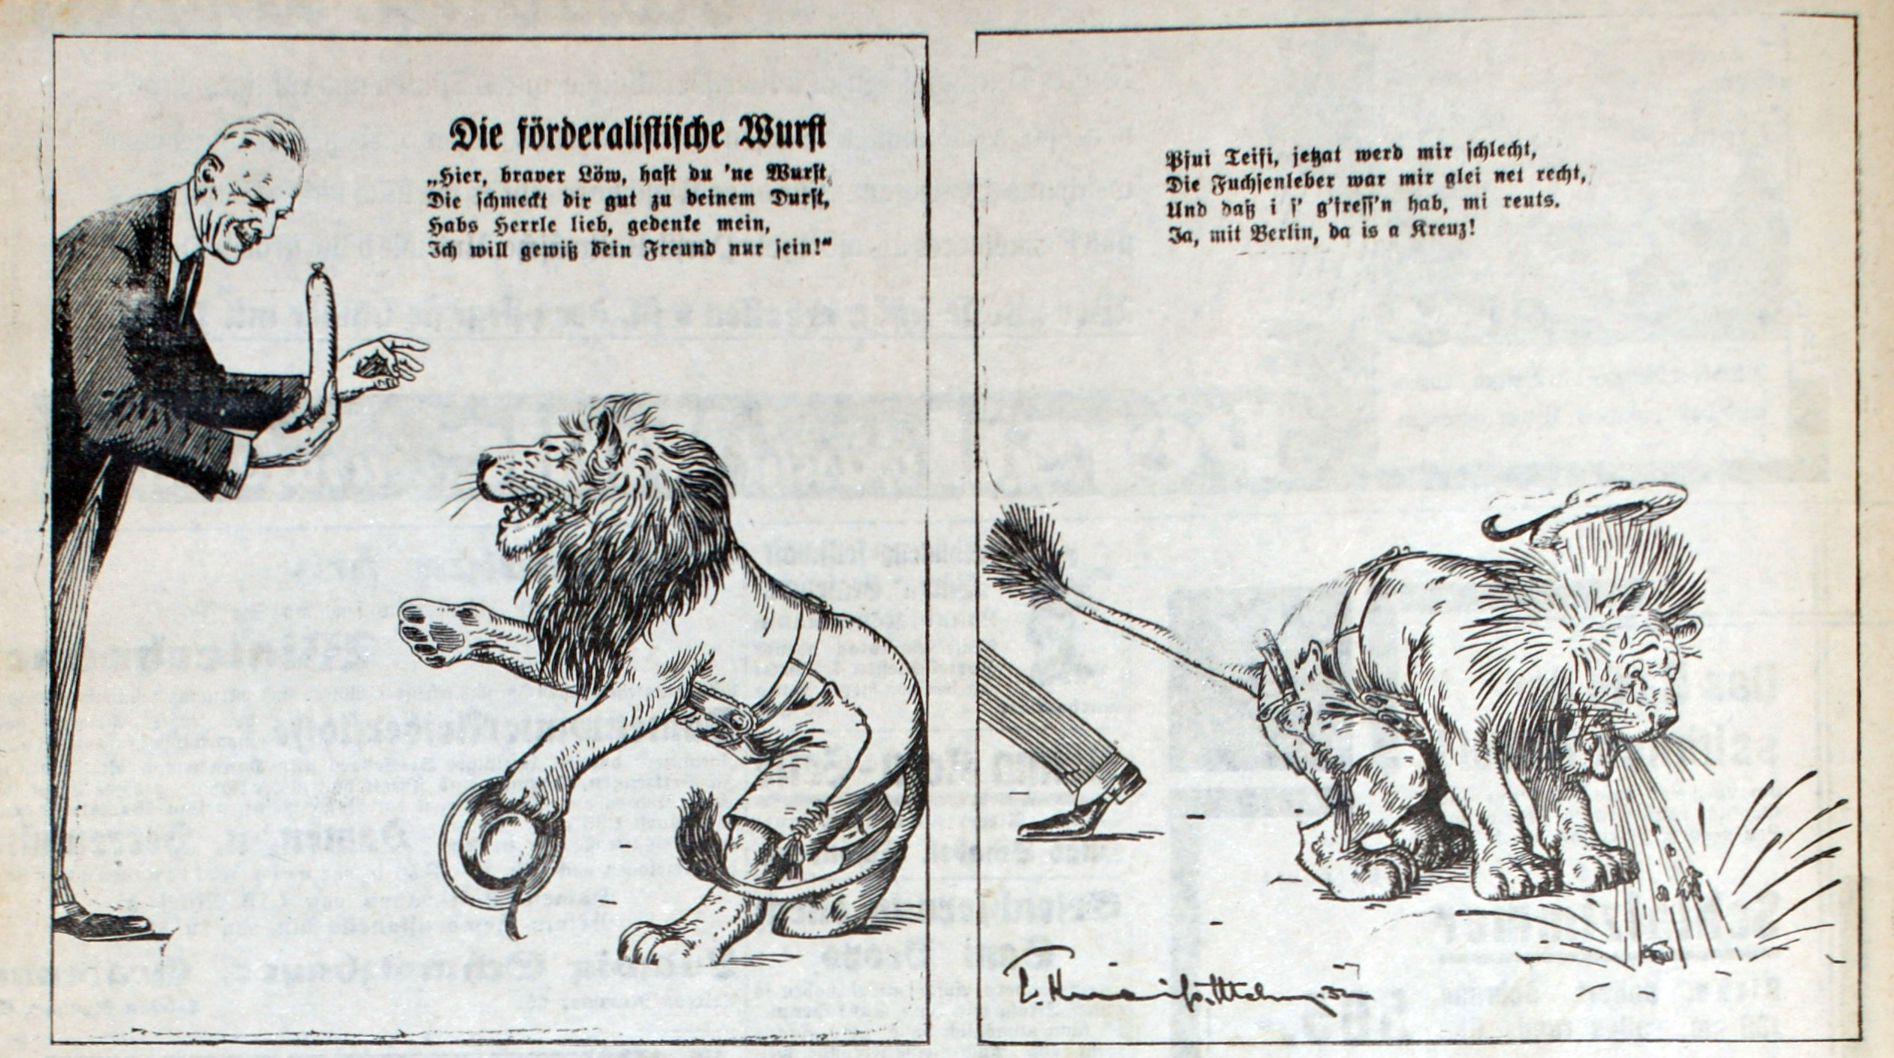 """Der bayerische Löwe verträgt die von Papen angebotene """"förderalistische Wurst"""" nicht."""